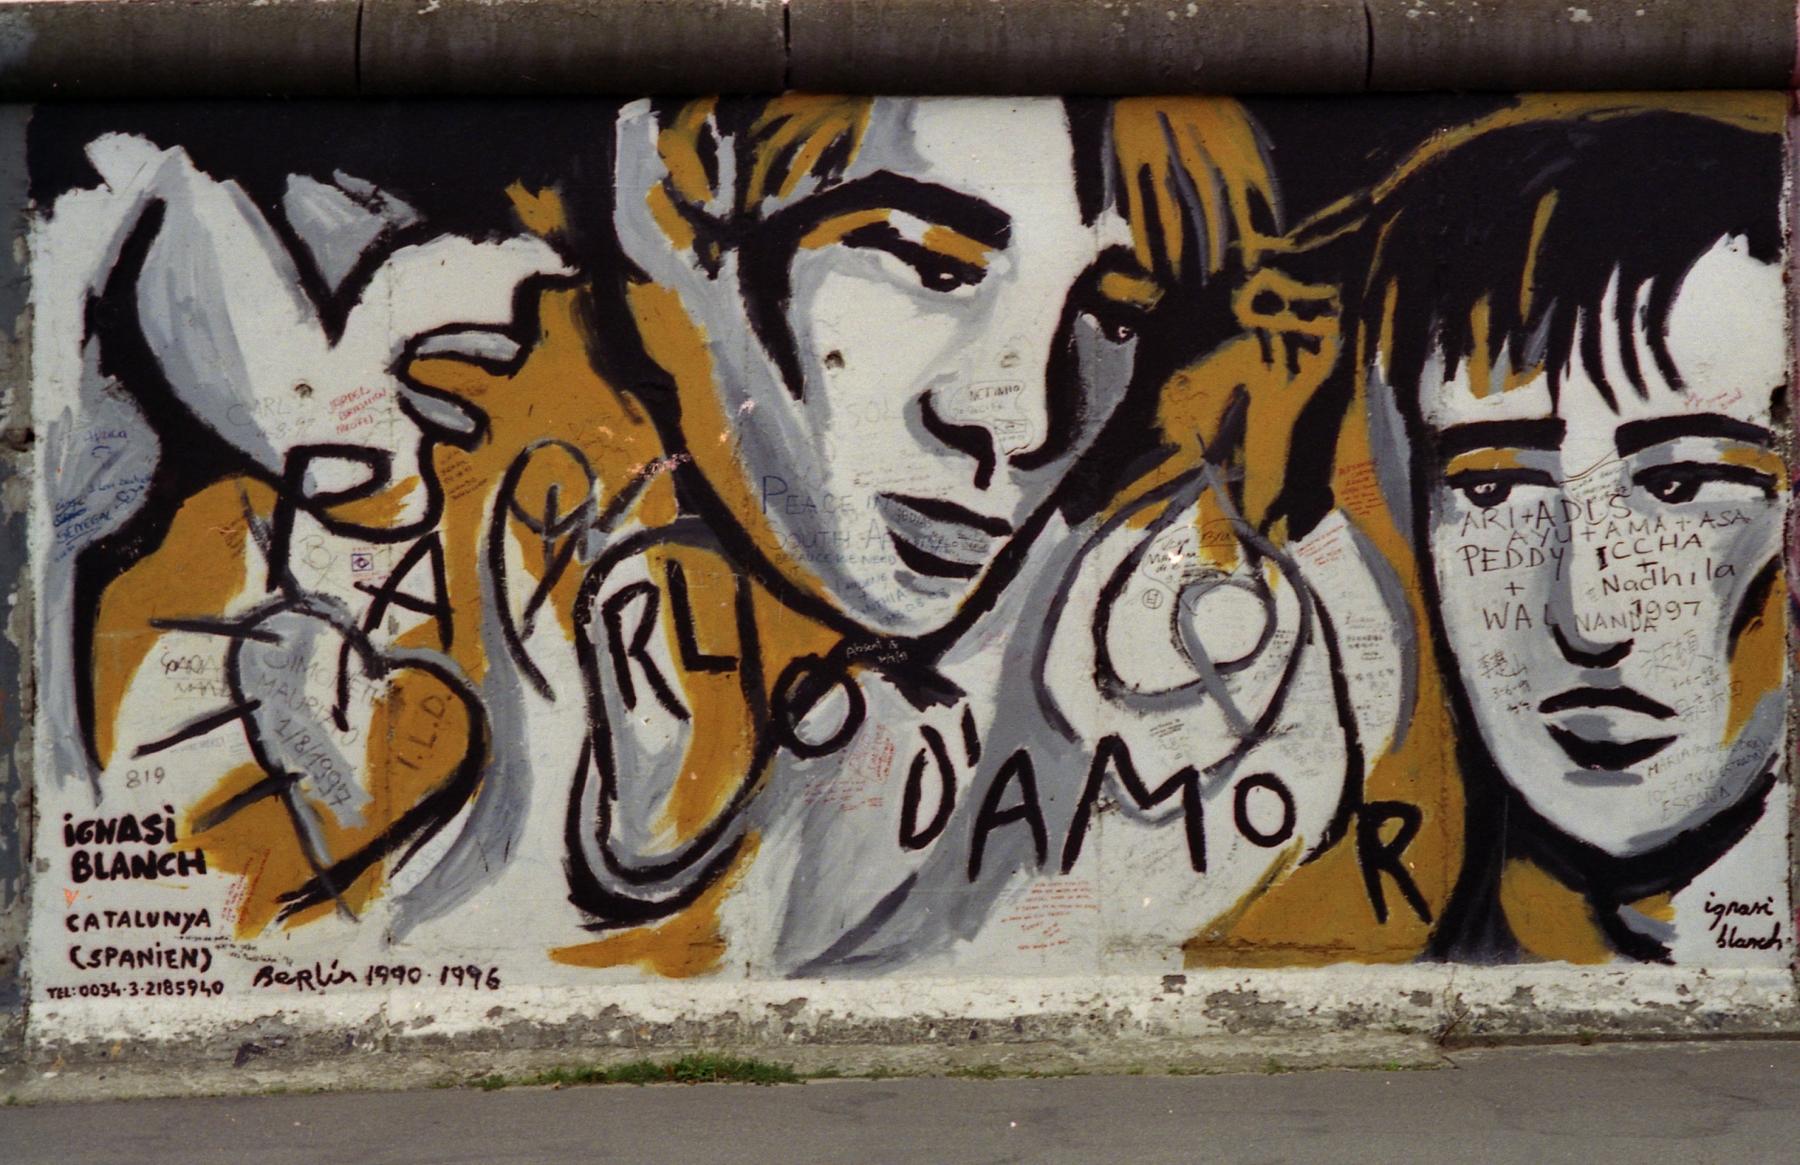 """Mural """"PARLO D'AMOR"""" (Ich spreche über Liebe) von Ignasi Blanch"""